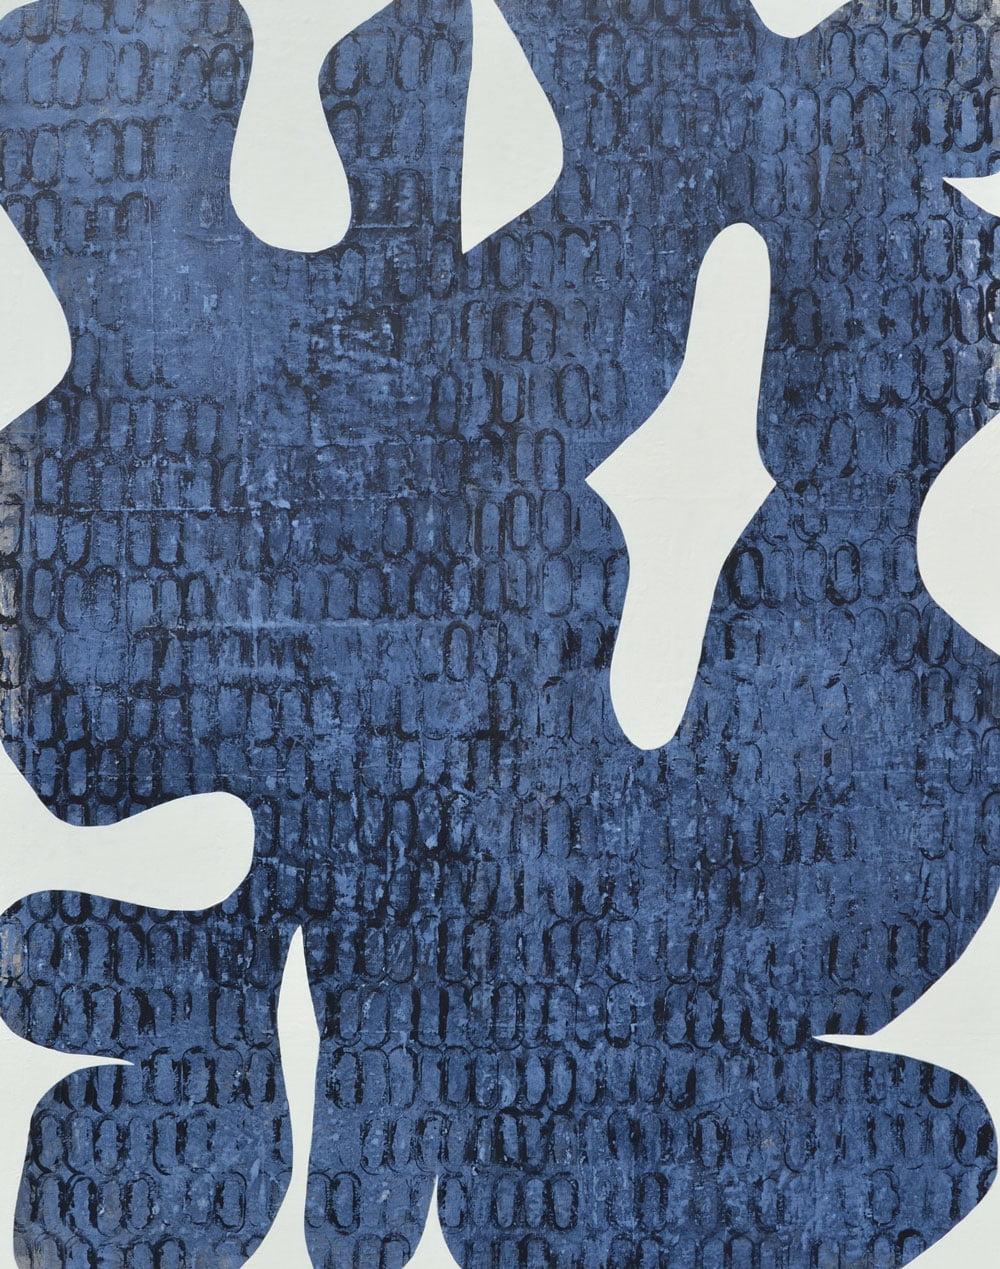 danel francoise galerie 21 forme organique bleue